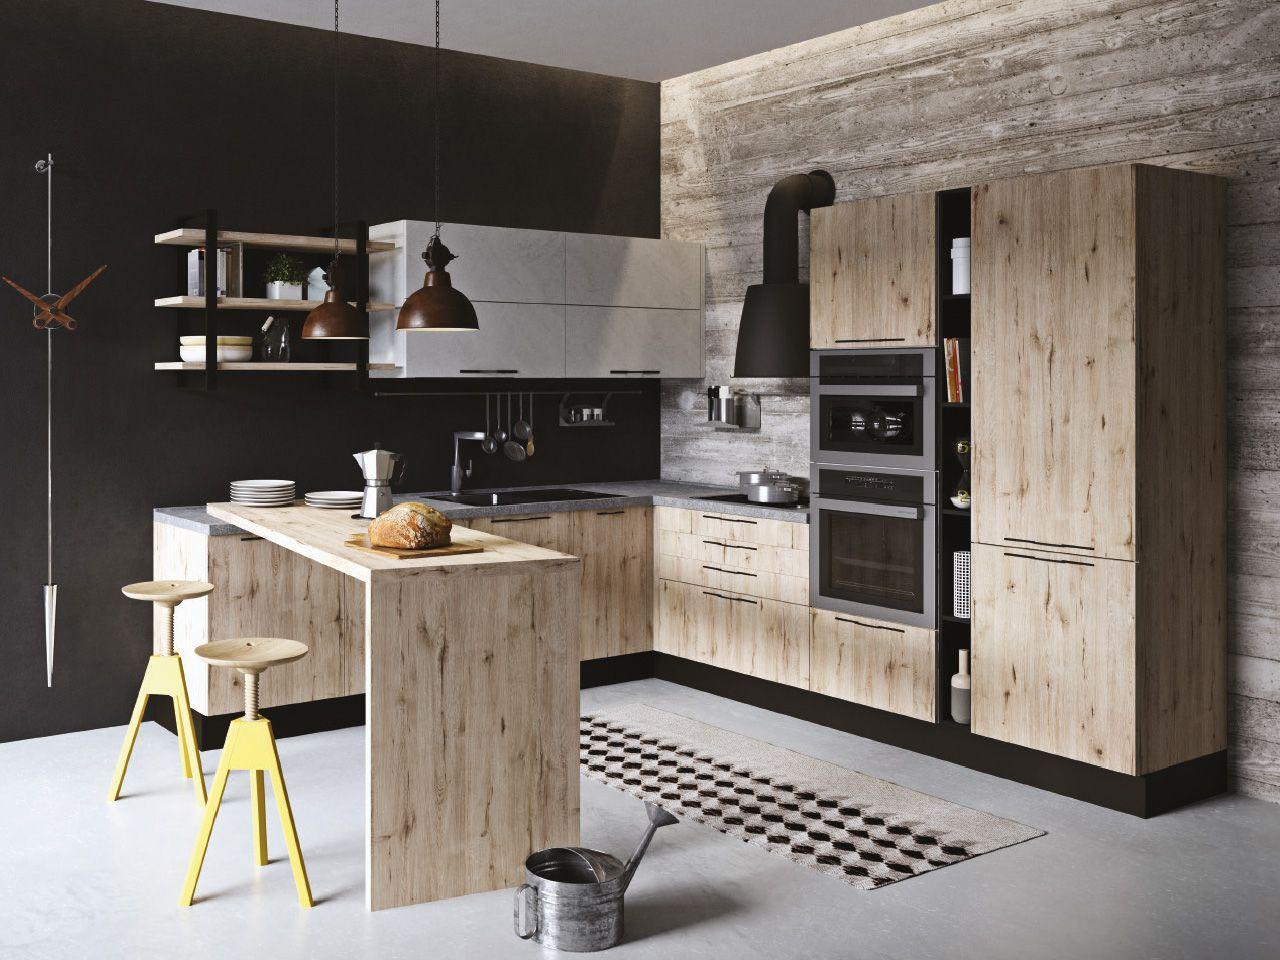 Mercatone Uno Cucina Marilyn 1269 Cucine Arredamento Pensili